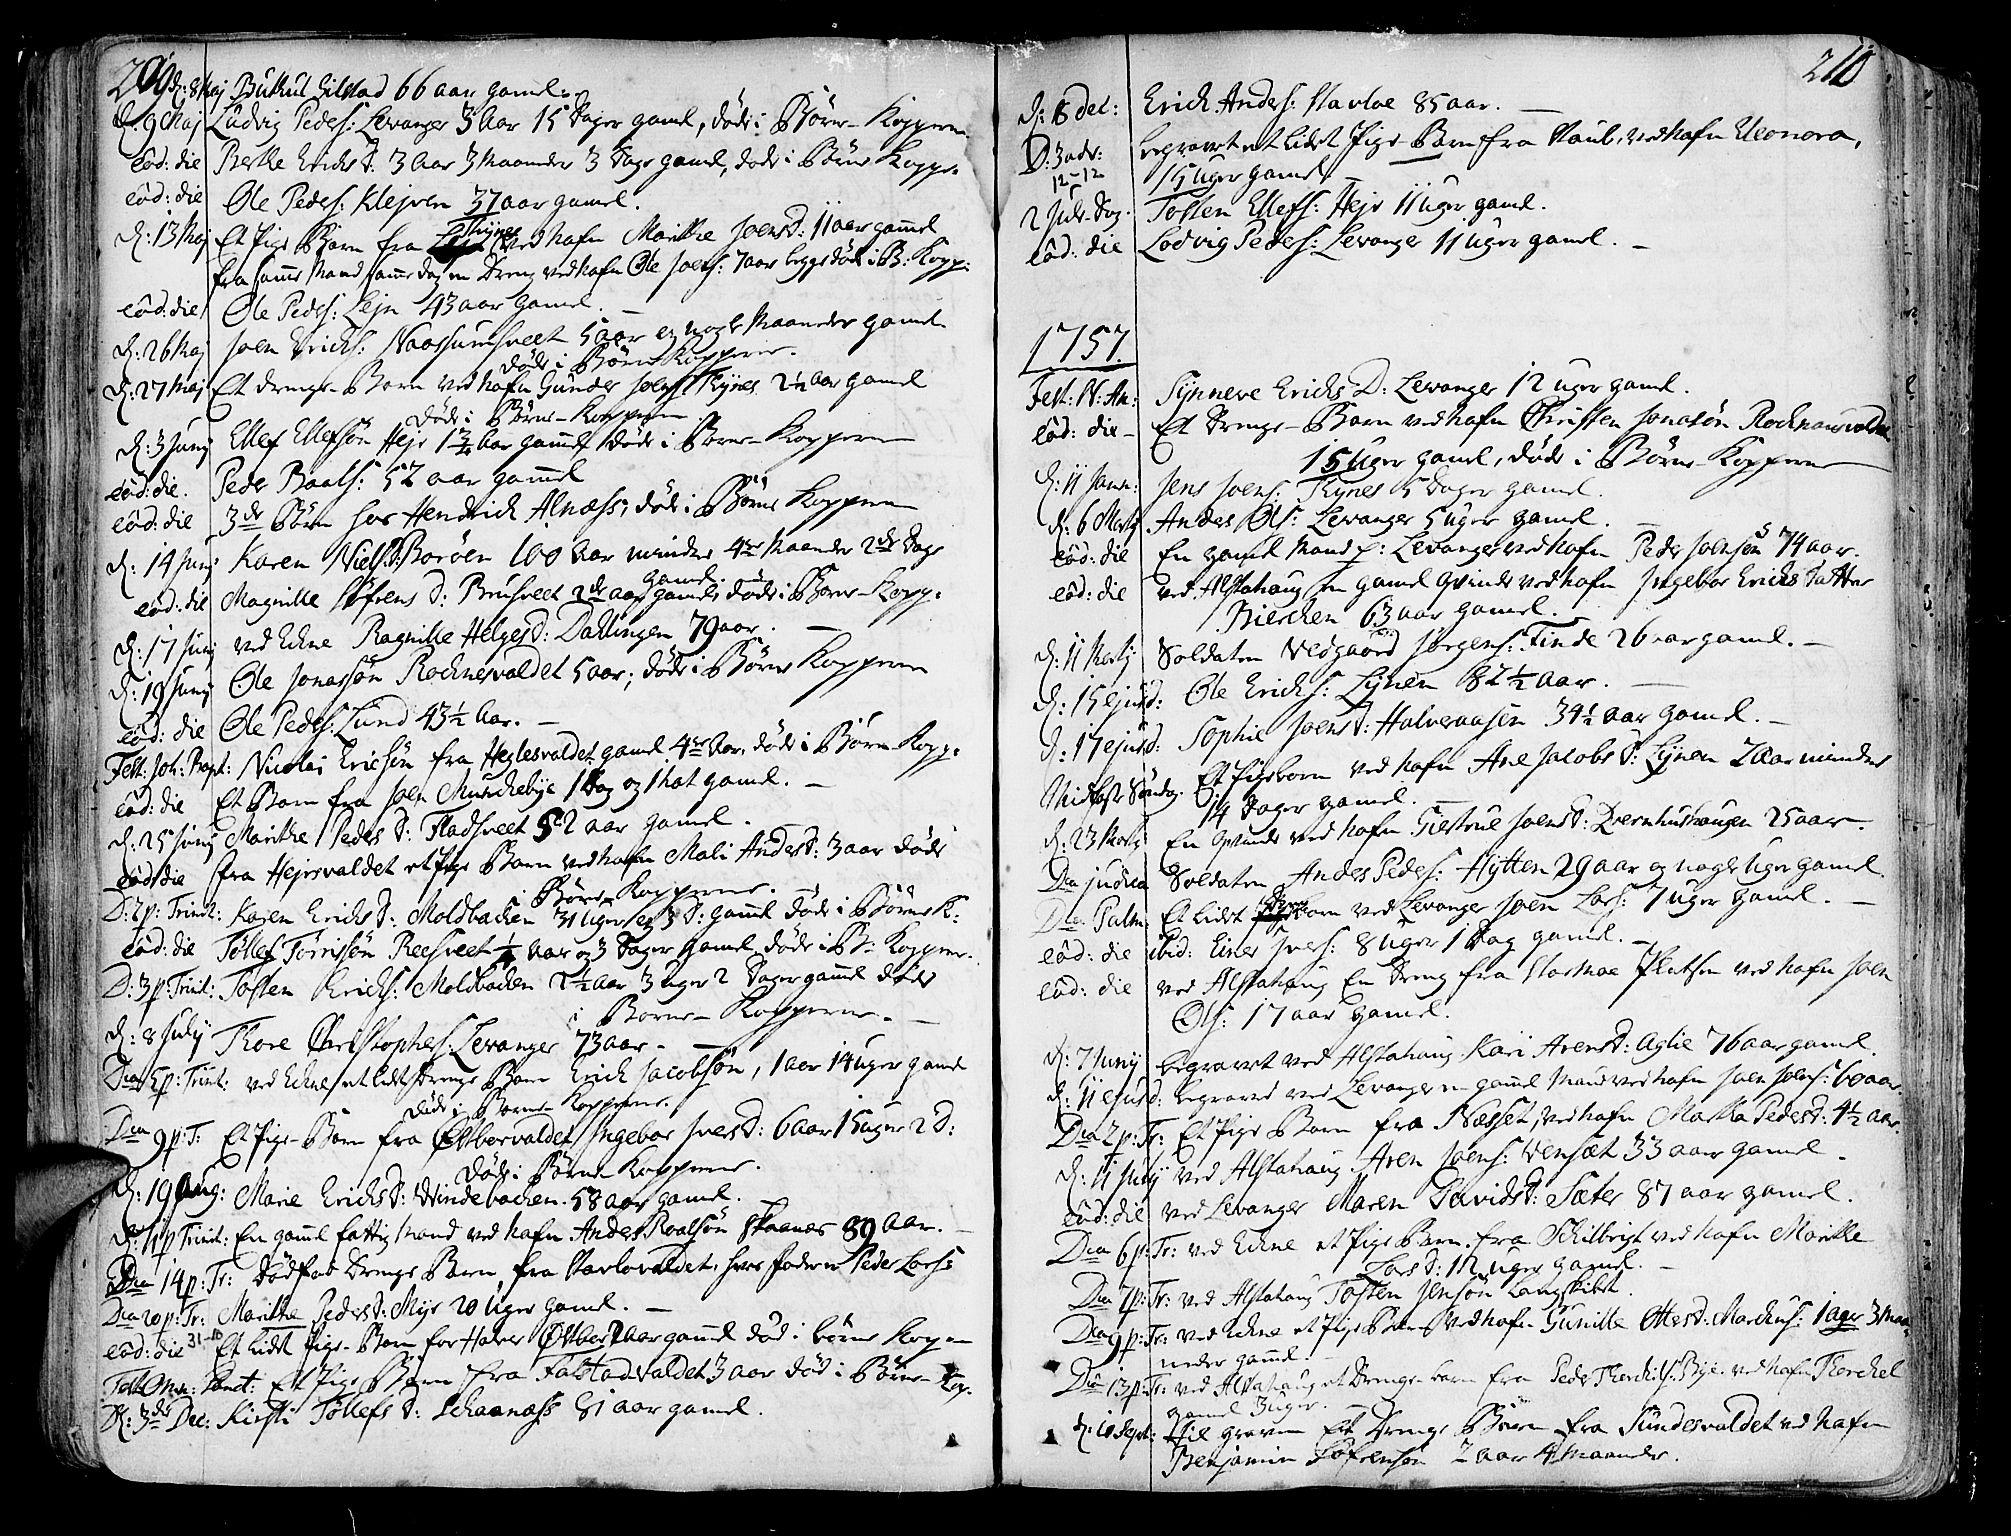 SAT, Ministerialprotokoller, klokkerbøker og fødselsregistre - Nord-Trøndelag, 717/L0141: Ministerialbok nr. 717A01, 1747-1803, s. 209-210